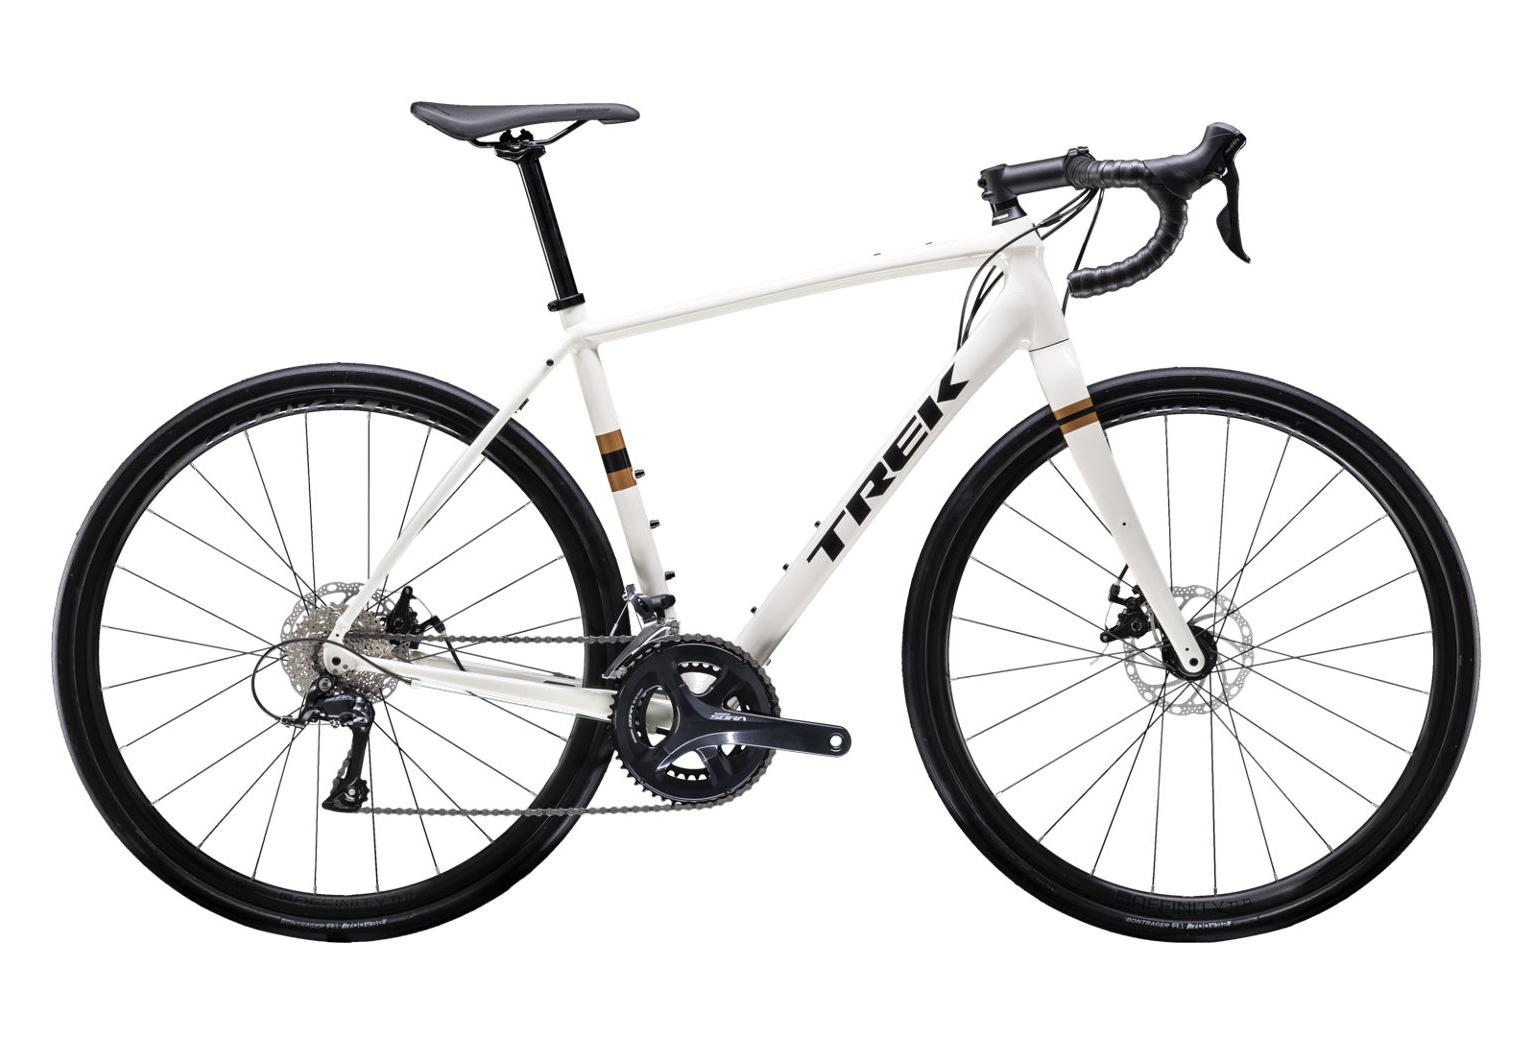 Trek Checkpoint AL 3 Gravel Bike 2019 Shimano Sora 9S White